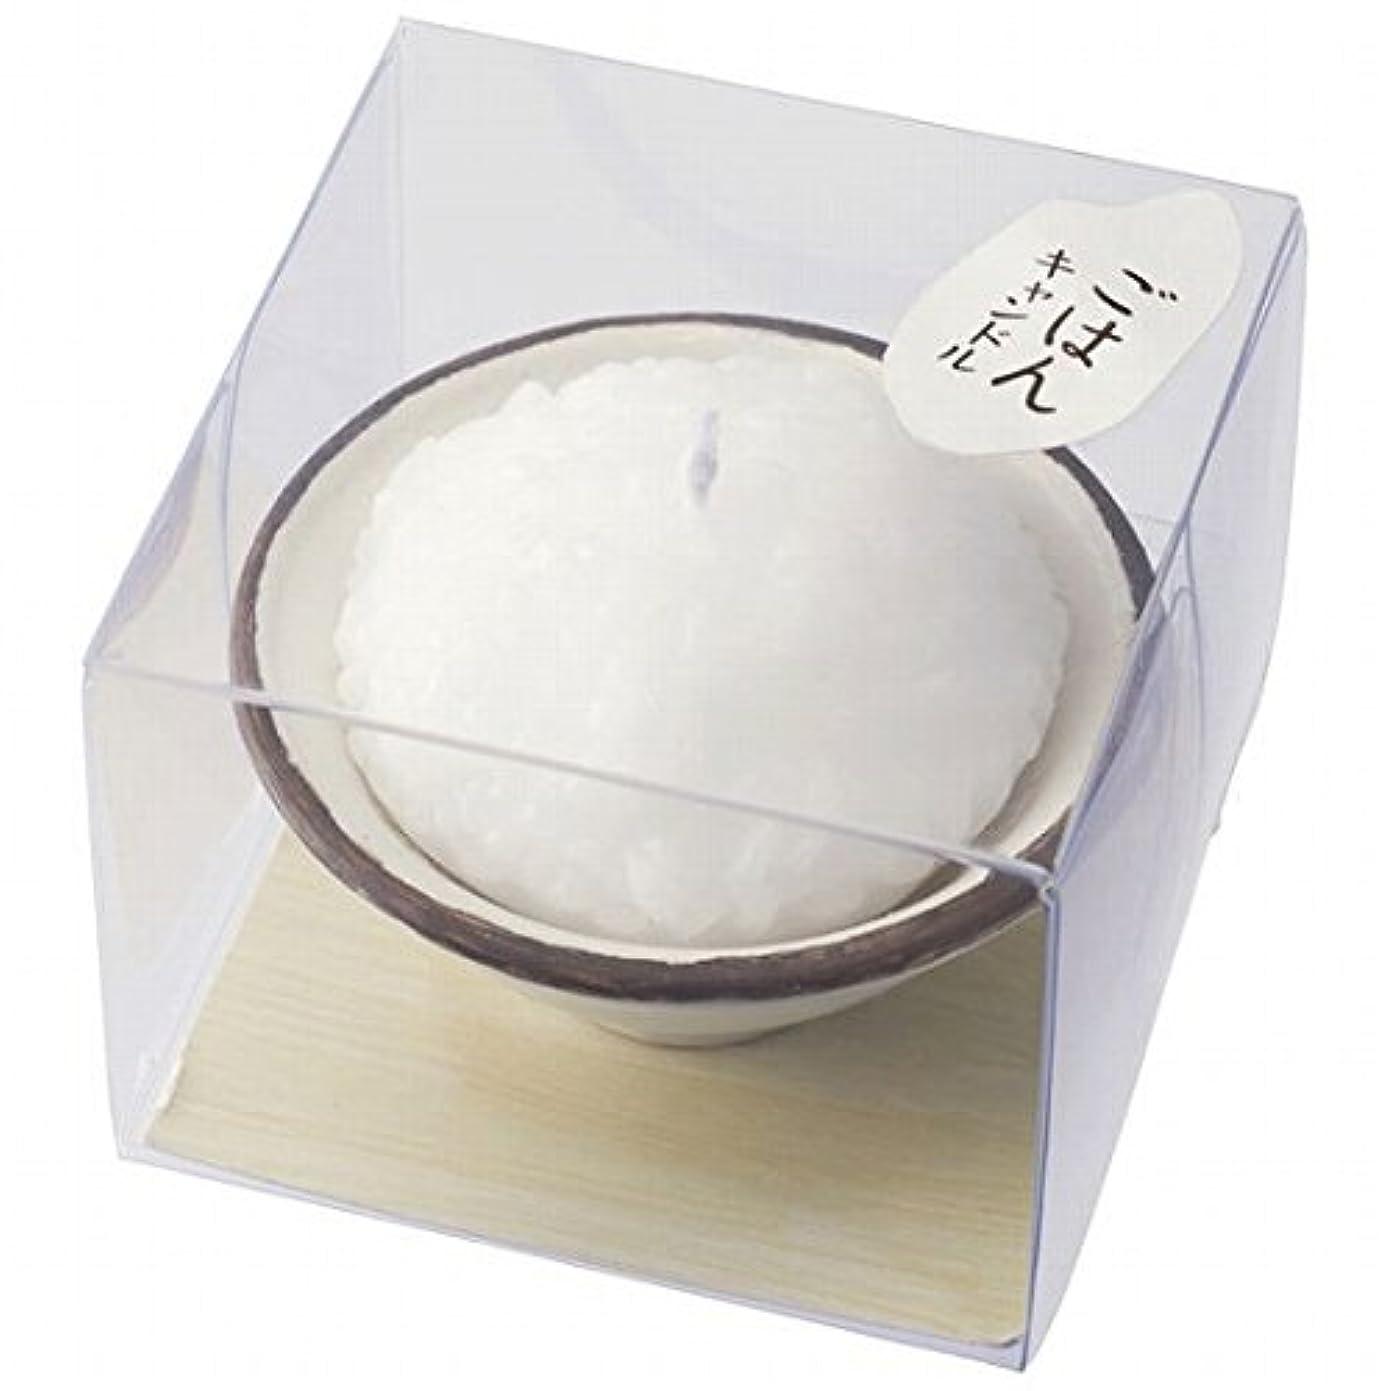 スリップ見えないビジターカメヤマキャンドル(kameyama candle) ごはんキャンドル